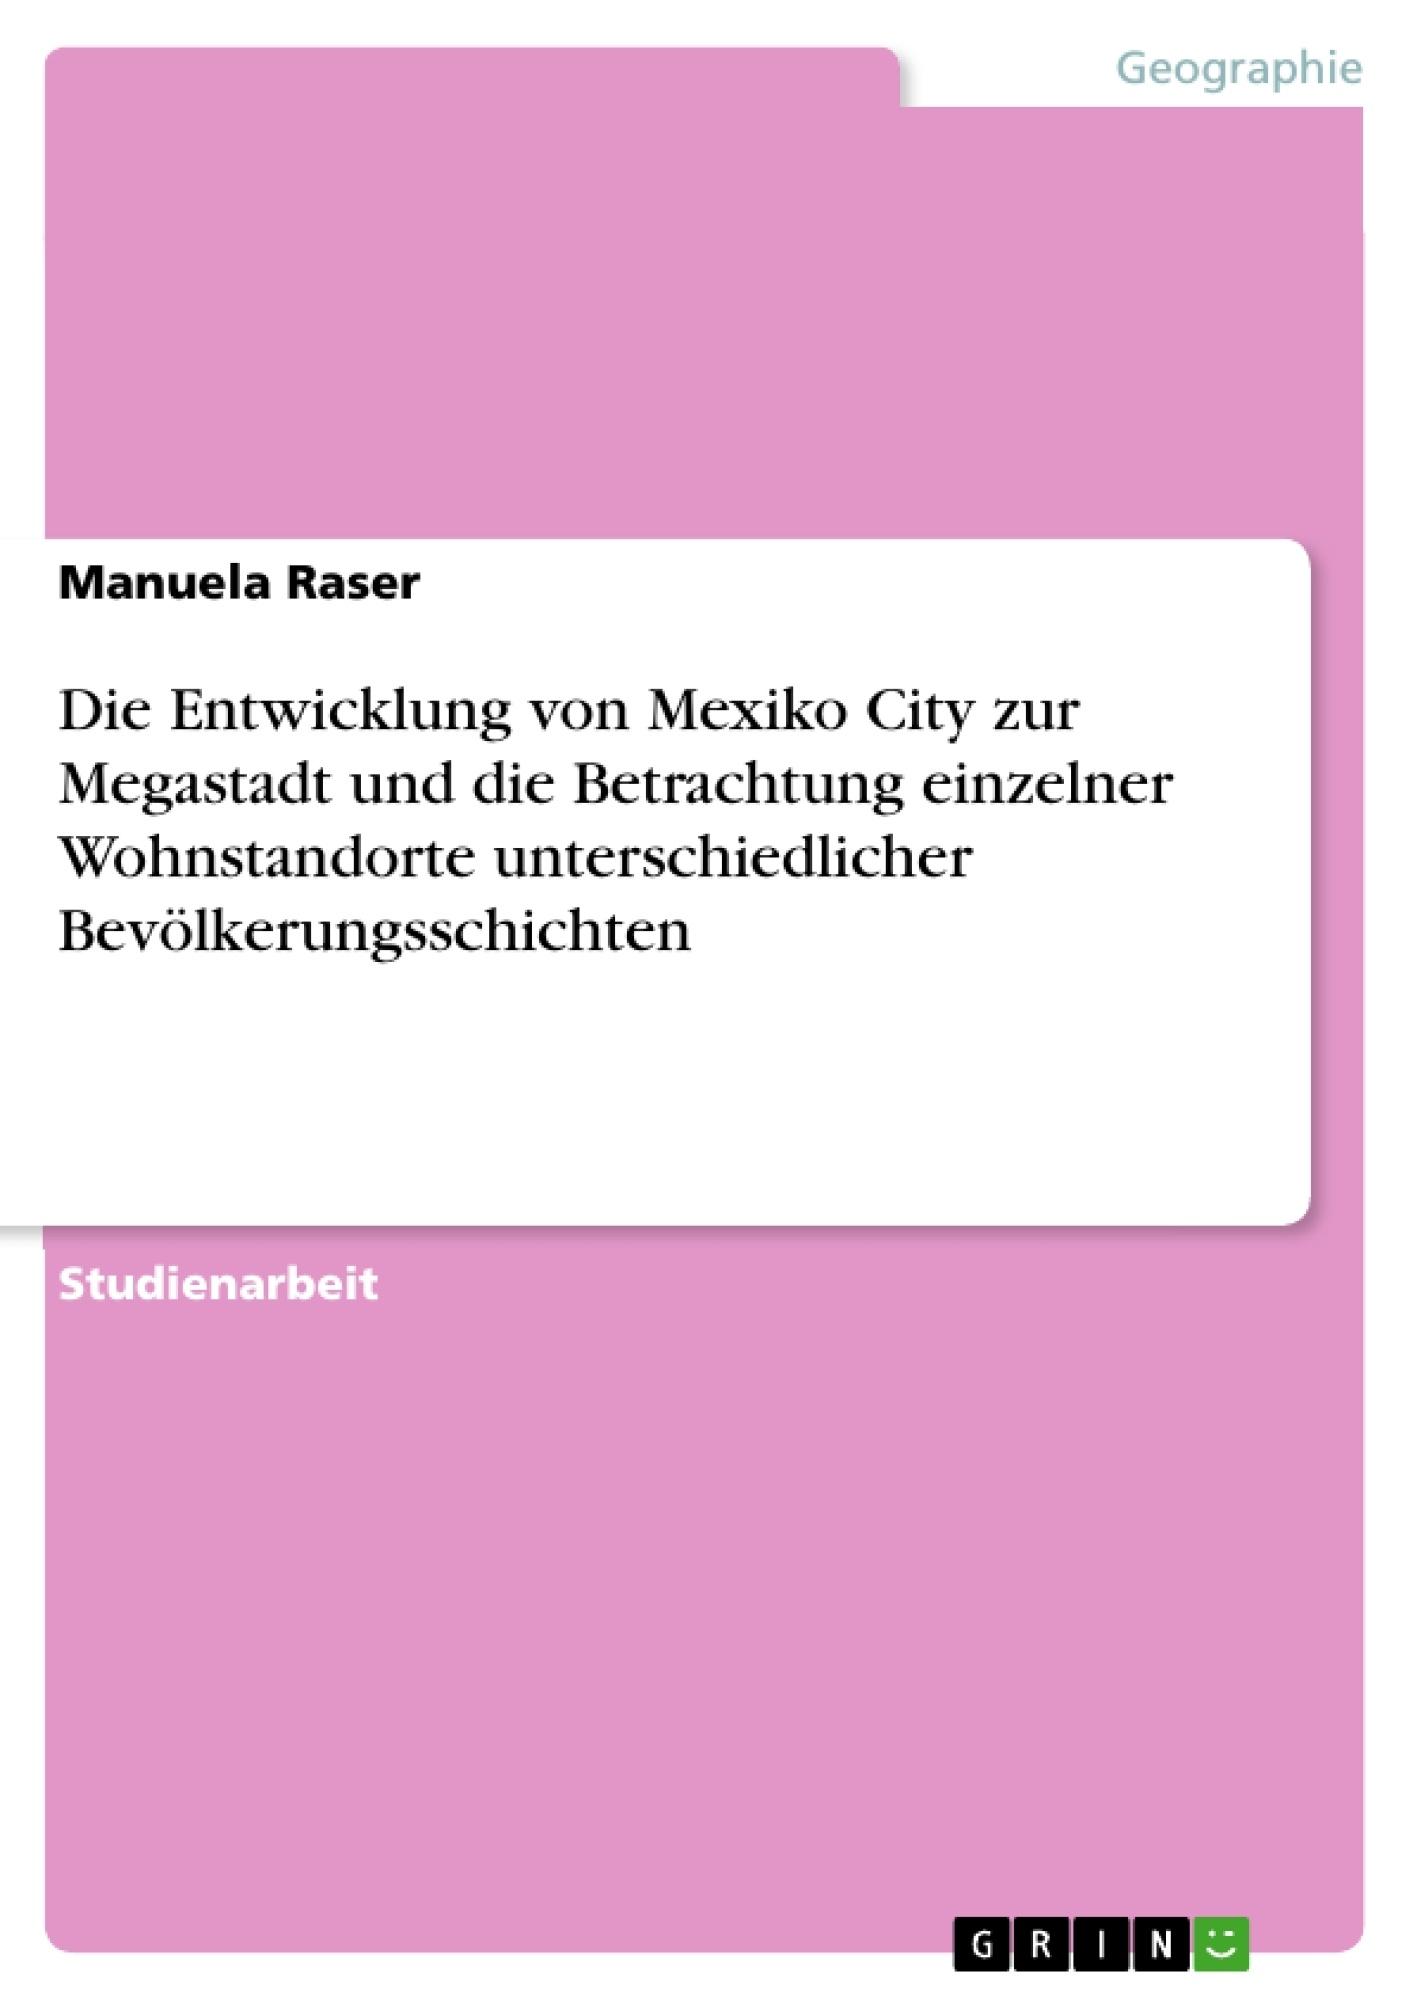 Titel: Die Entwicklung von Mexiko City zur Megastadt und die Betrachtung einzelner Wohnstandorte unterschiedlicher Bevölkerungsschichten